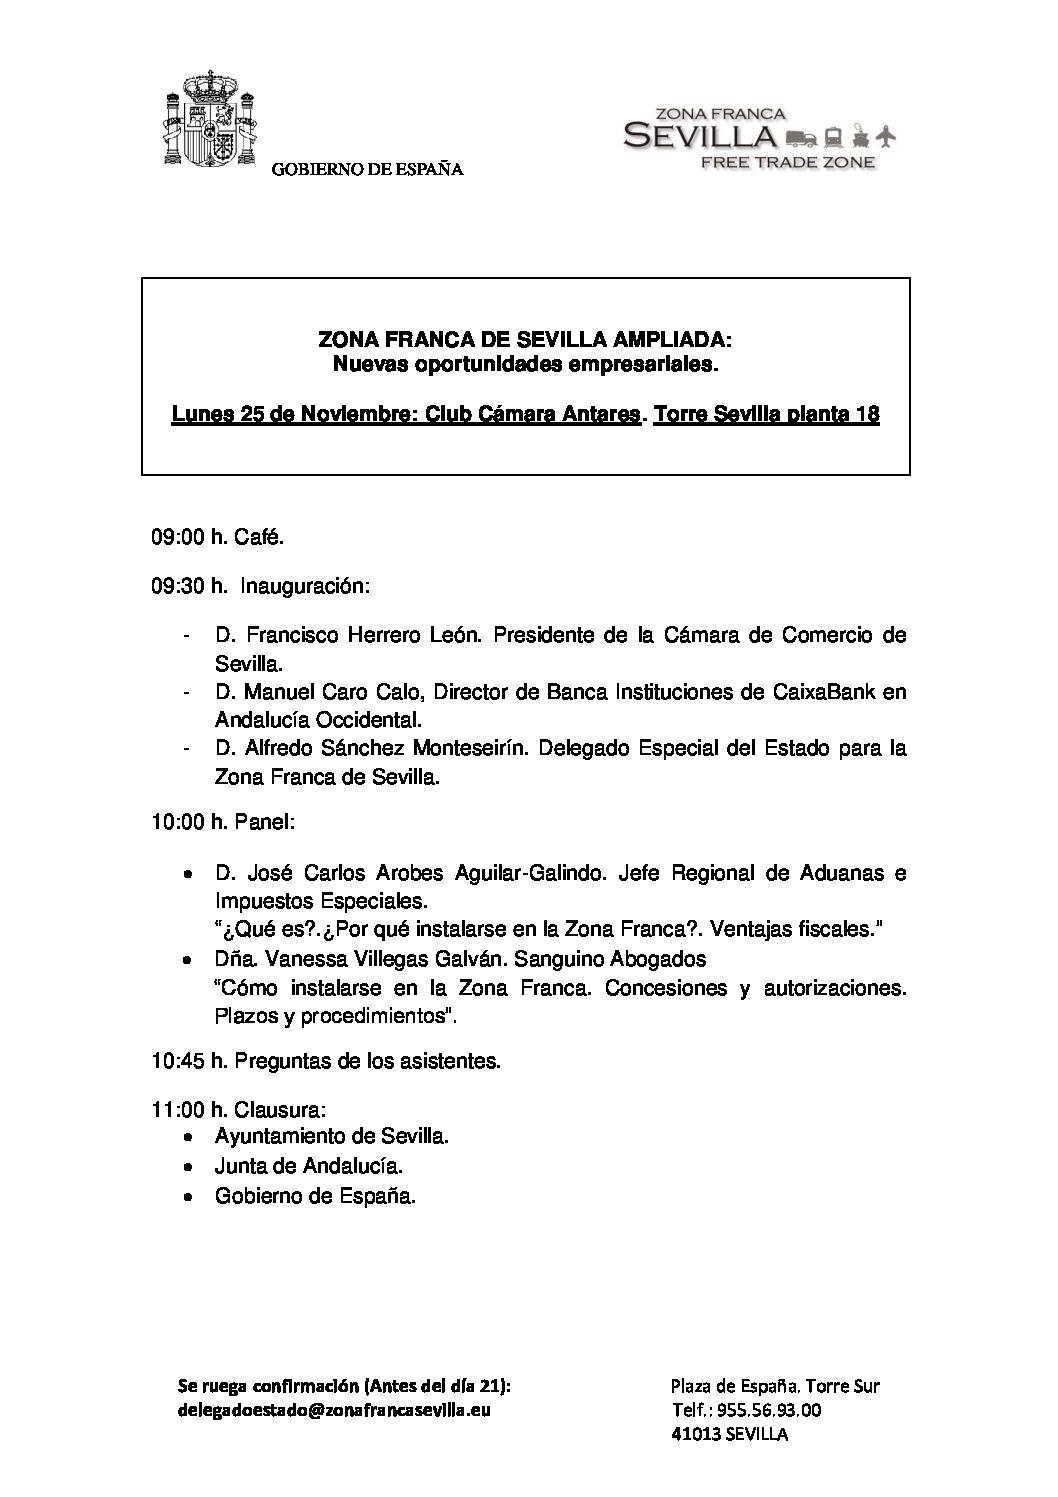 Jornada ZONA FRANCA DE SEVILLA AMPLIADA: Nuevas oportunidades empresariales.                                  Lunes 25 de Noviembre: Club Cámara Antares. Torre Sevilla planta 18